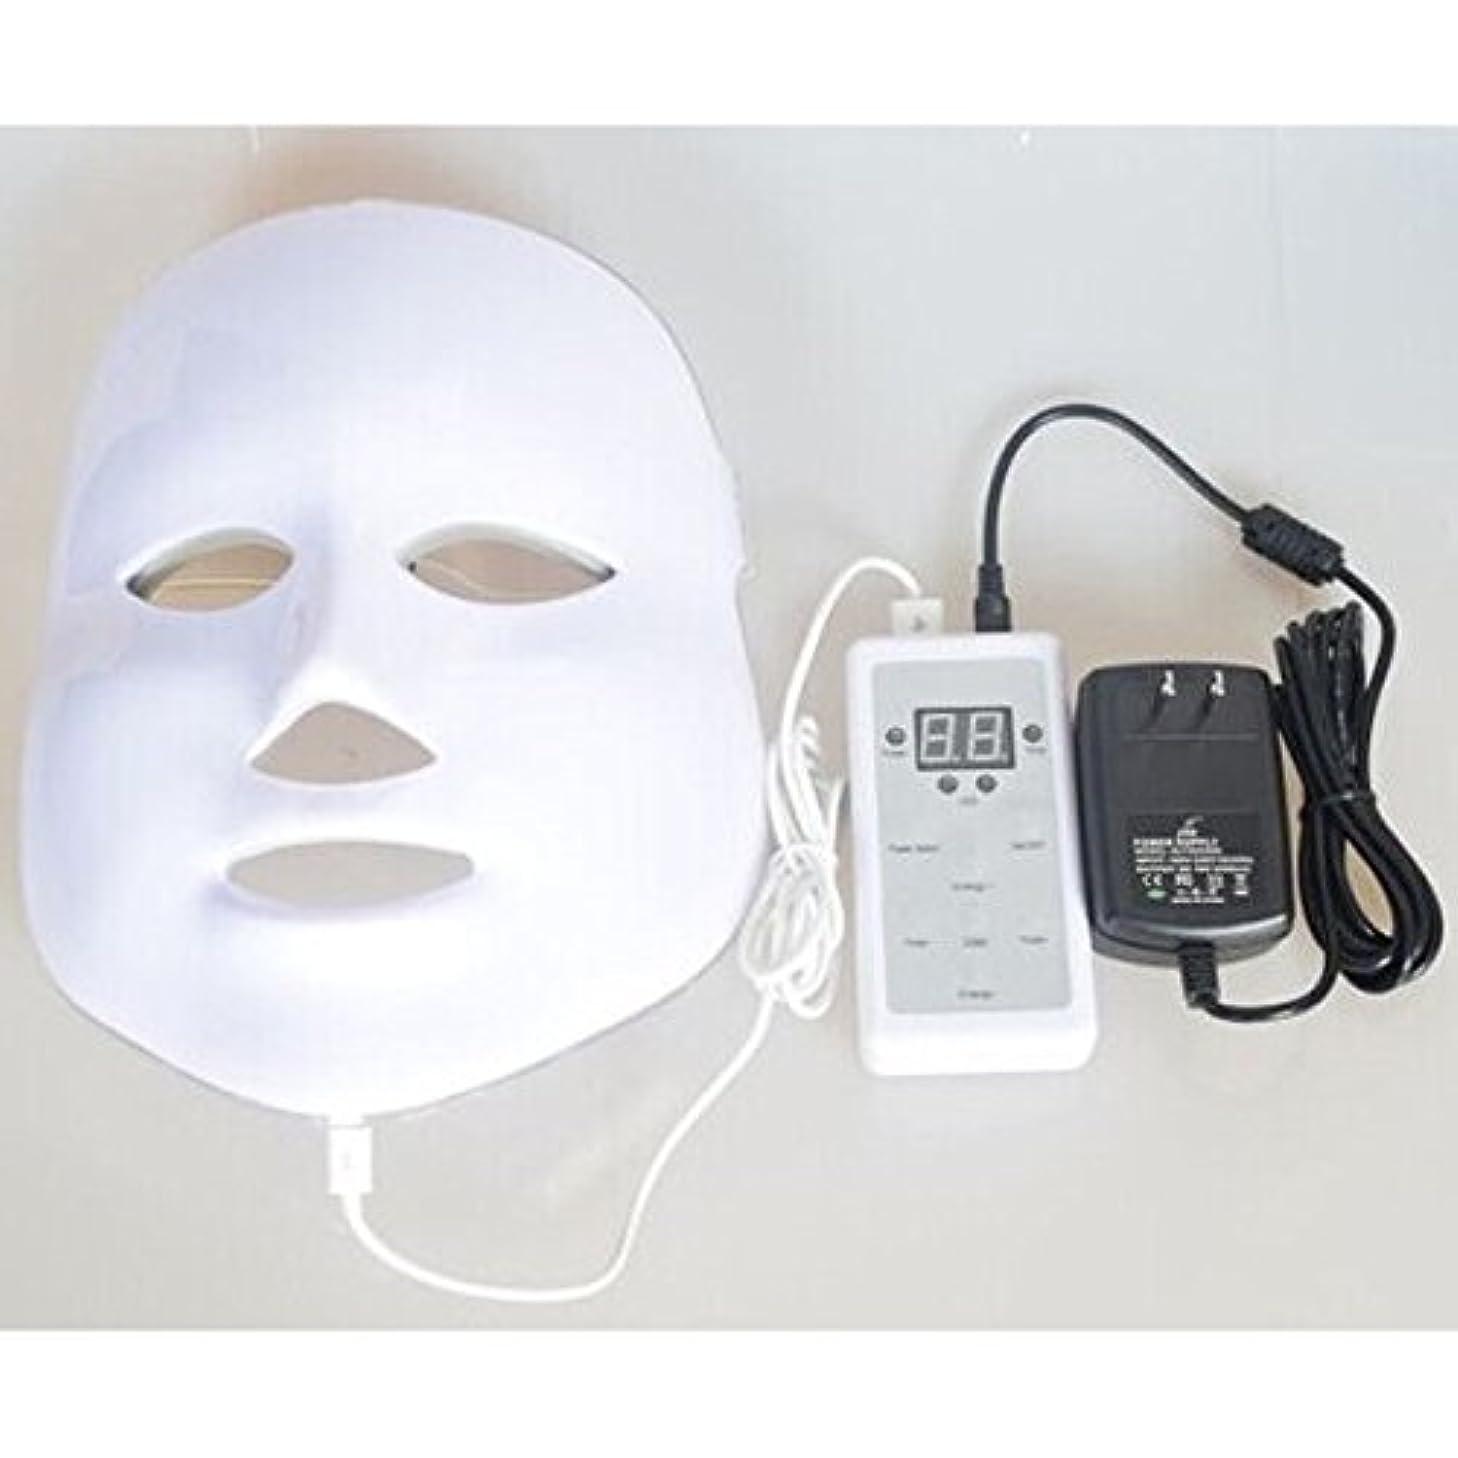 黄ばむ破壊モナリザLED美顔器 7色 美顔マスク 美容 たるみ ほうれい線 美肌 ニキビ対策 コラーゲン生成 美白 エイジングケア